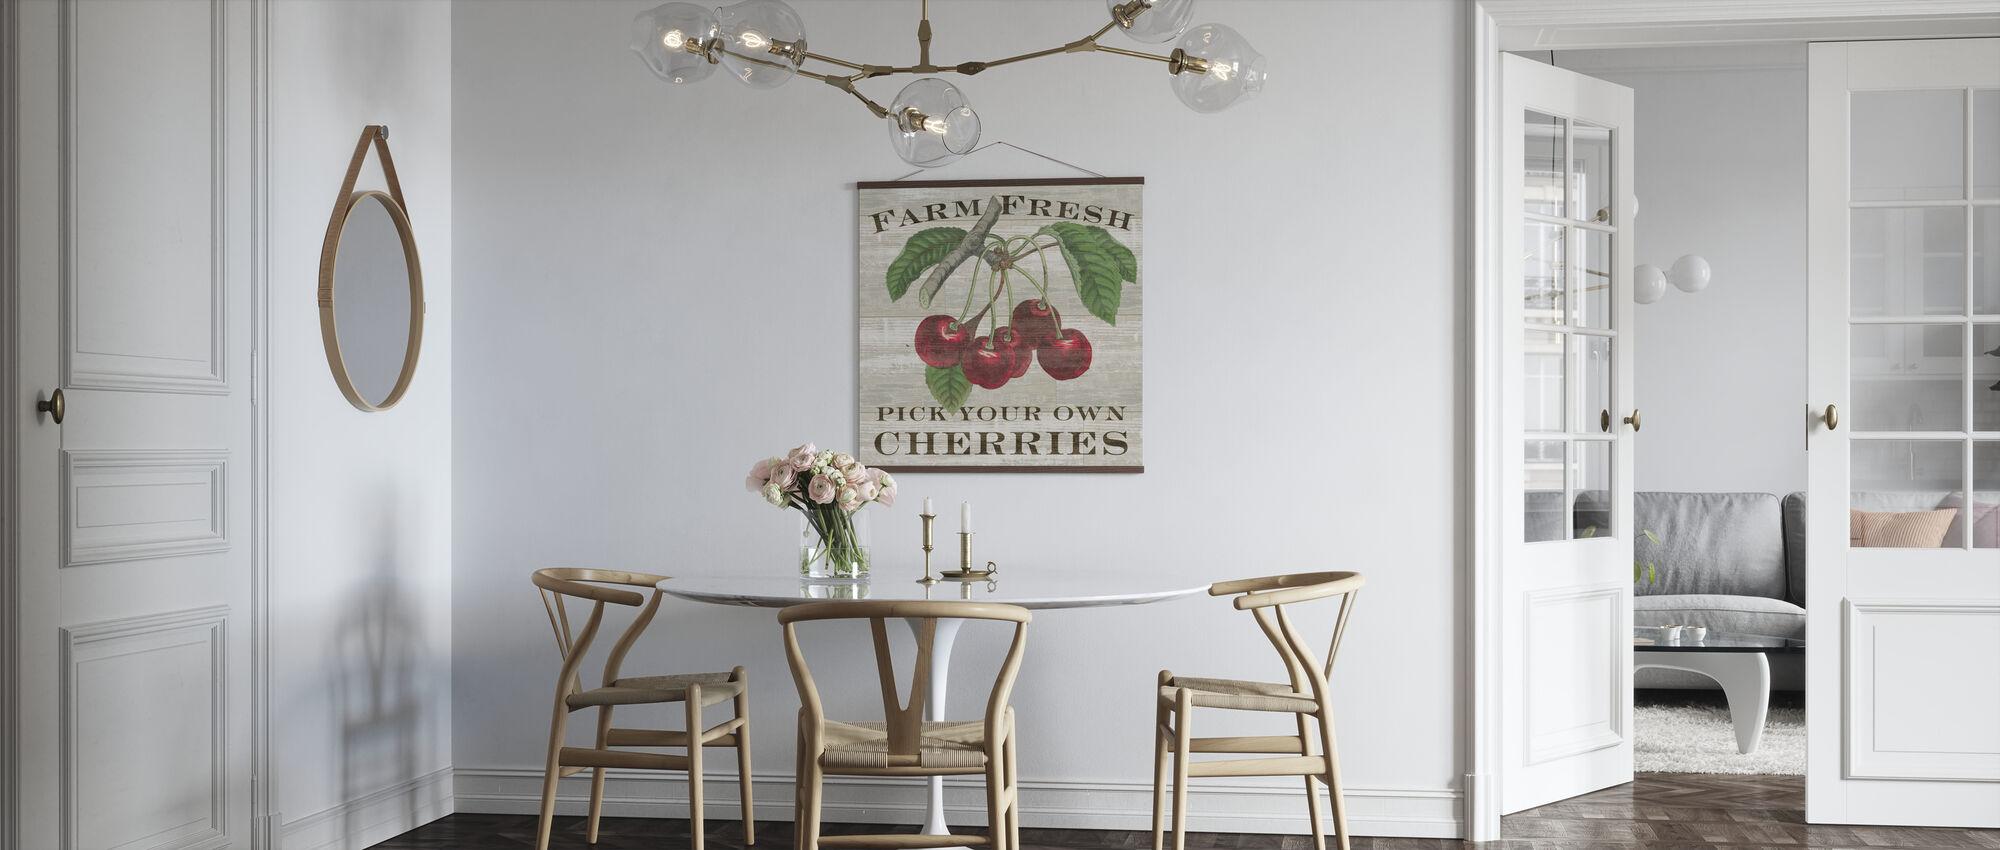 Farm Fresh Cherries - Poster - Kitchen